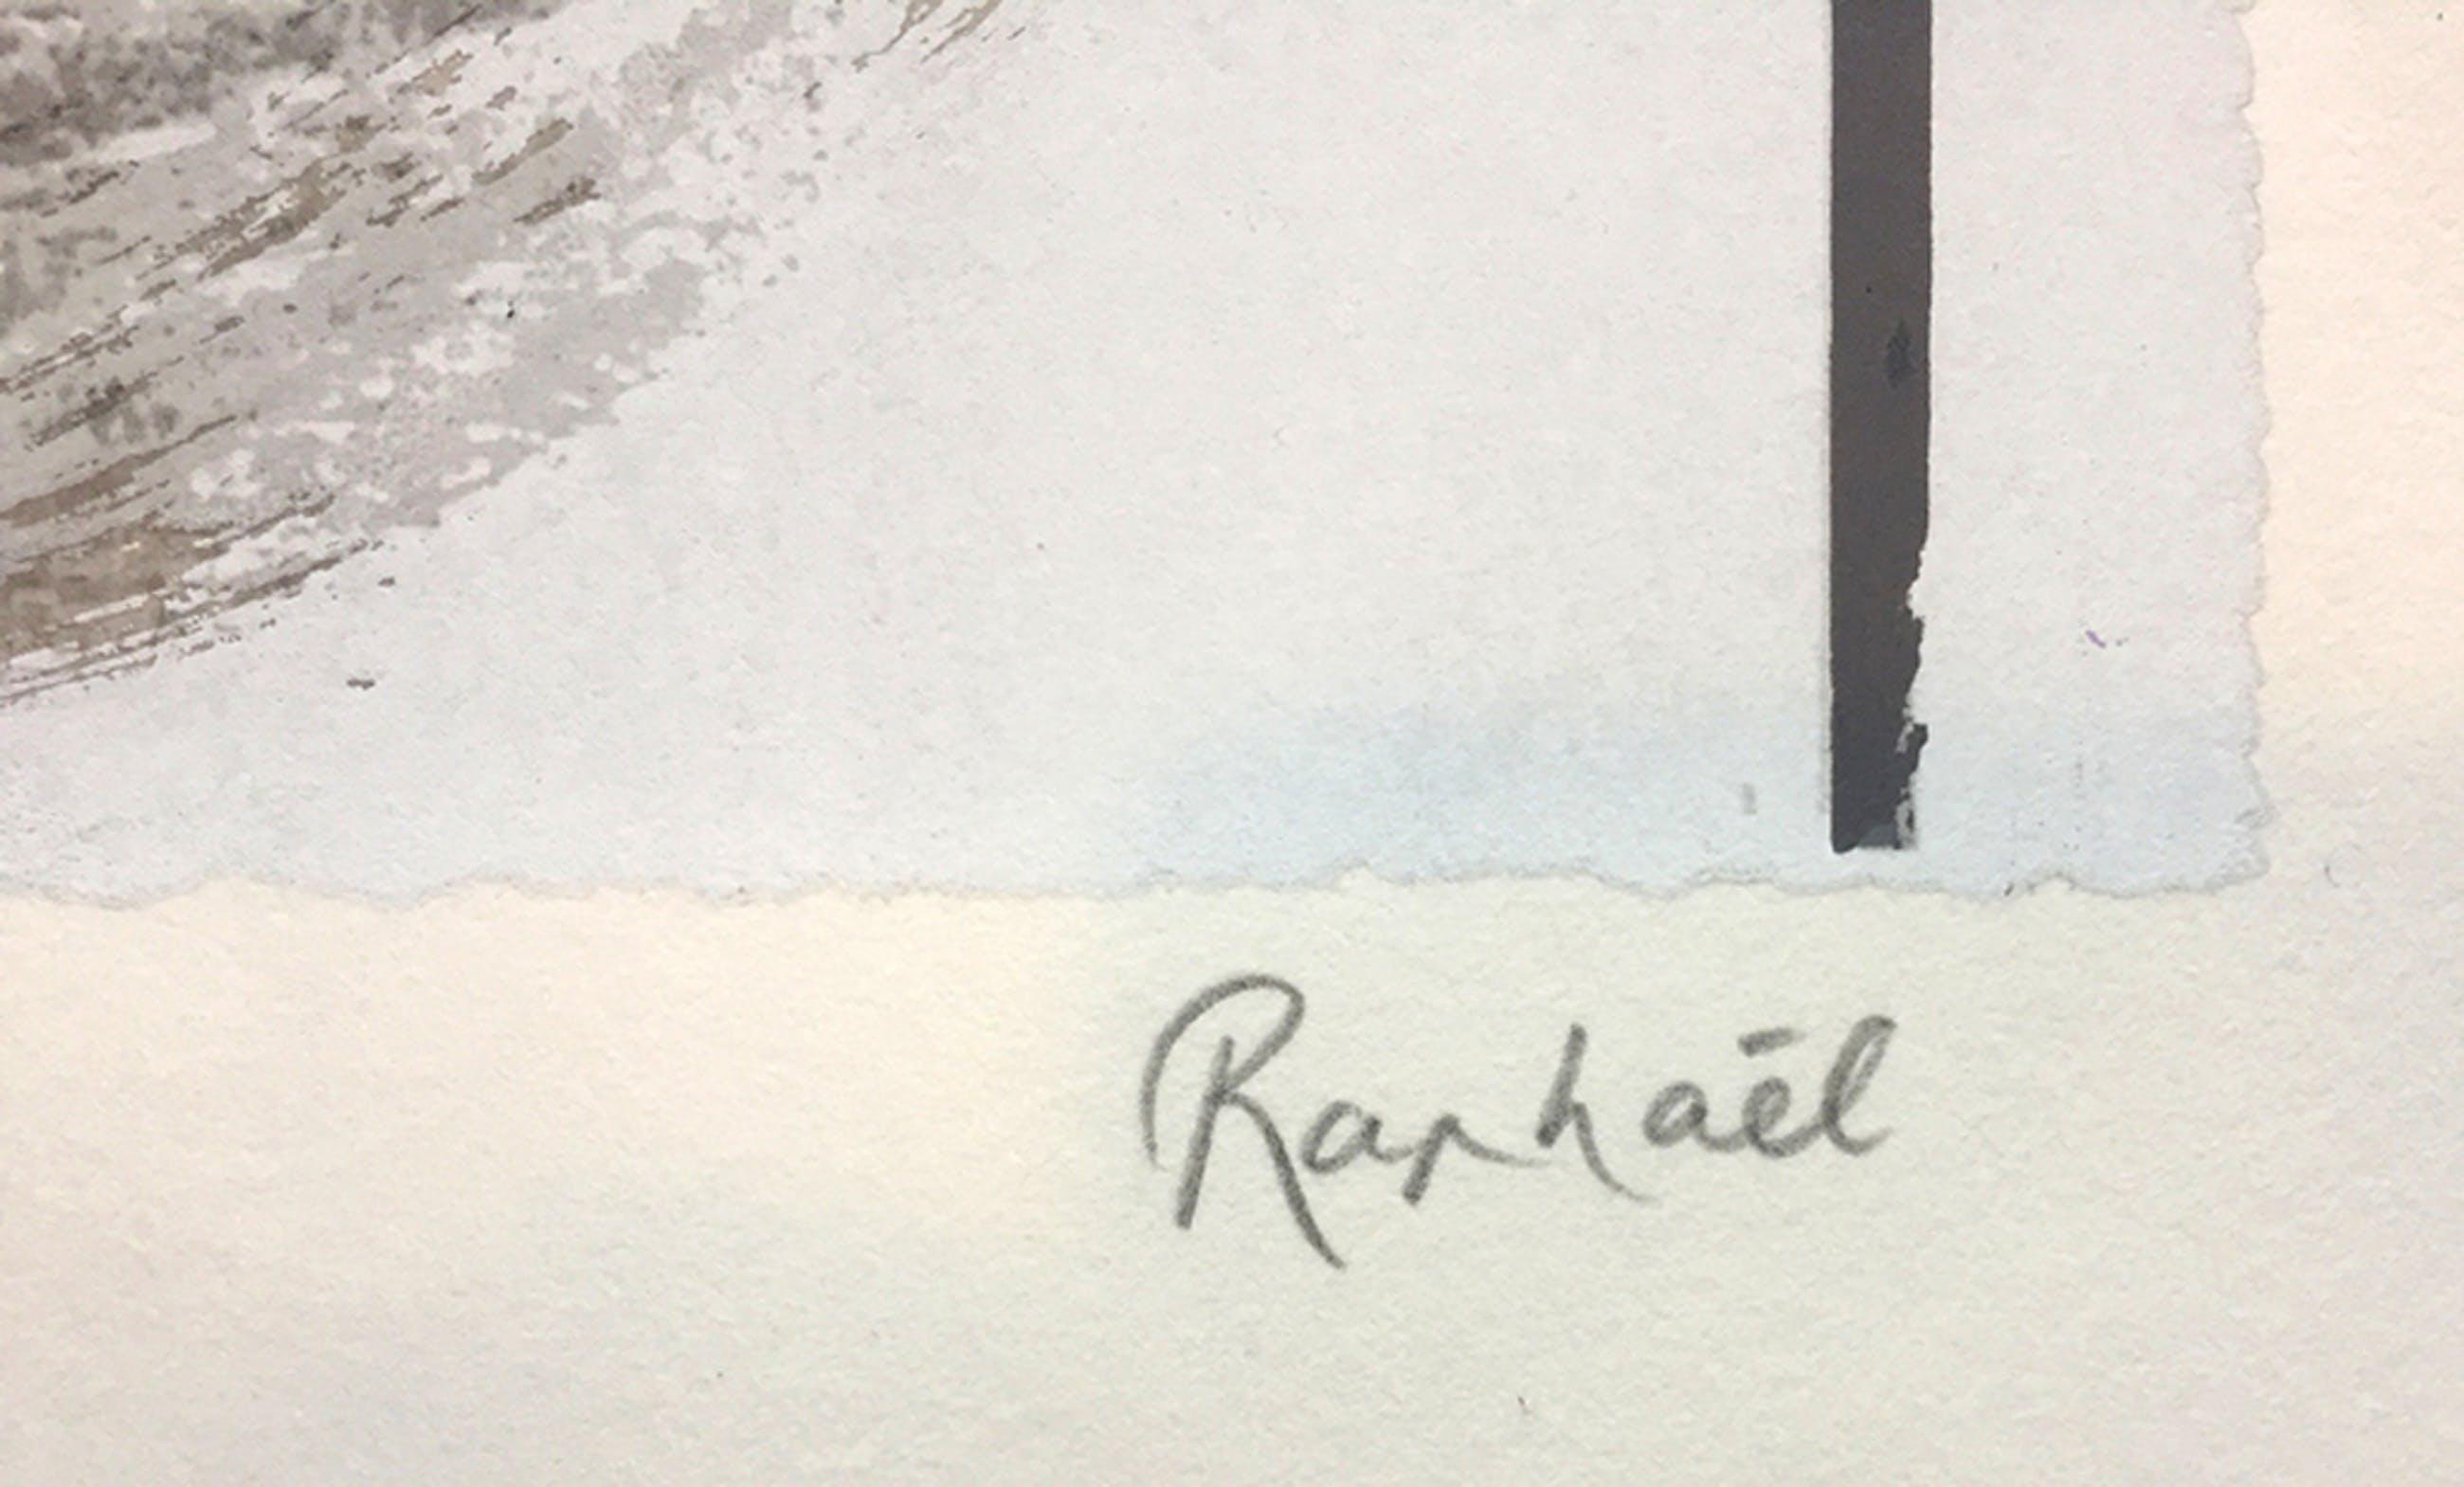 Raphaél Hermans - Mammoet - gesigneerde zeefdruk - E/A - 2002 kopen? Bied vanaf 95!